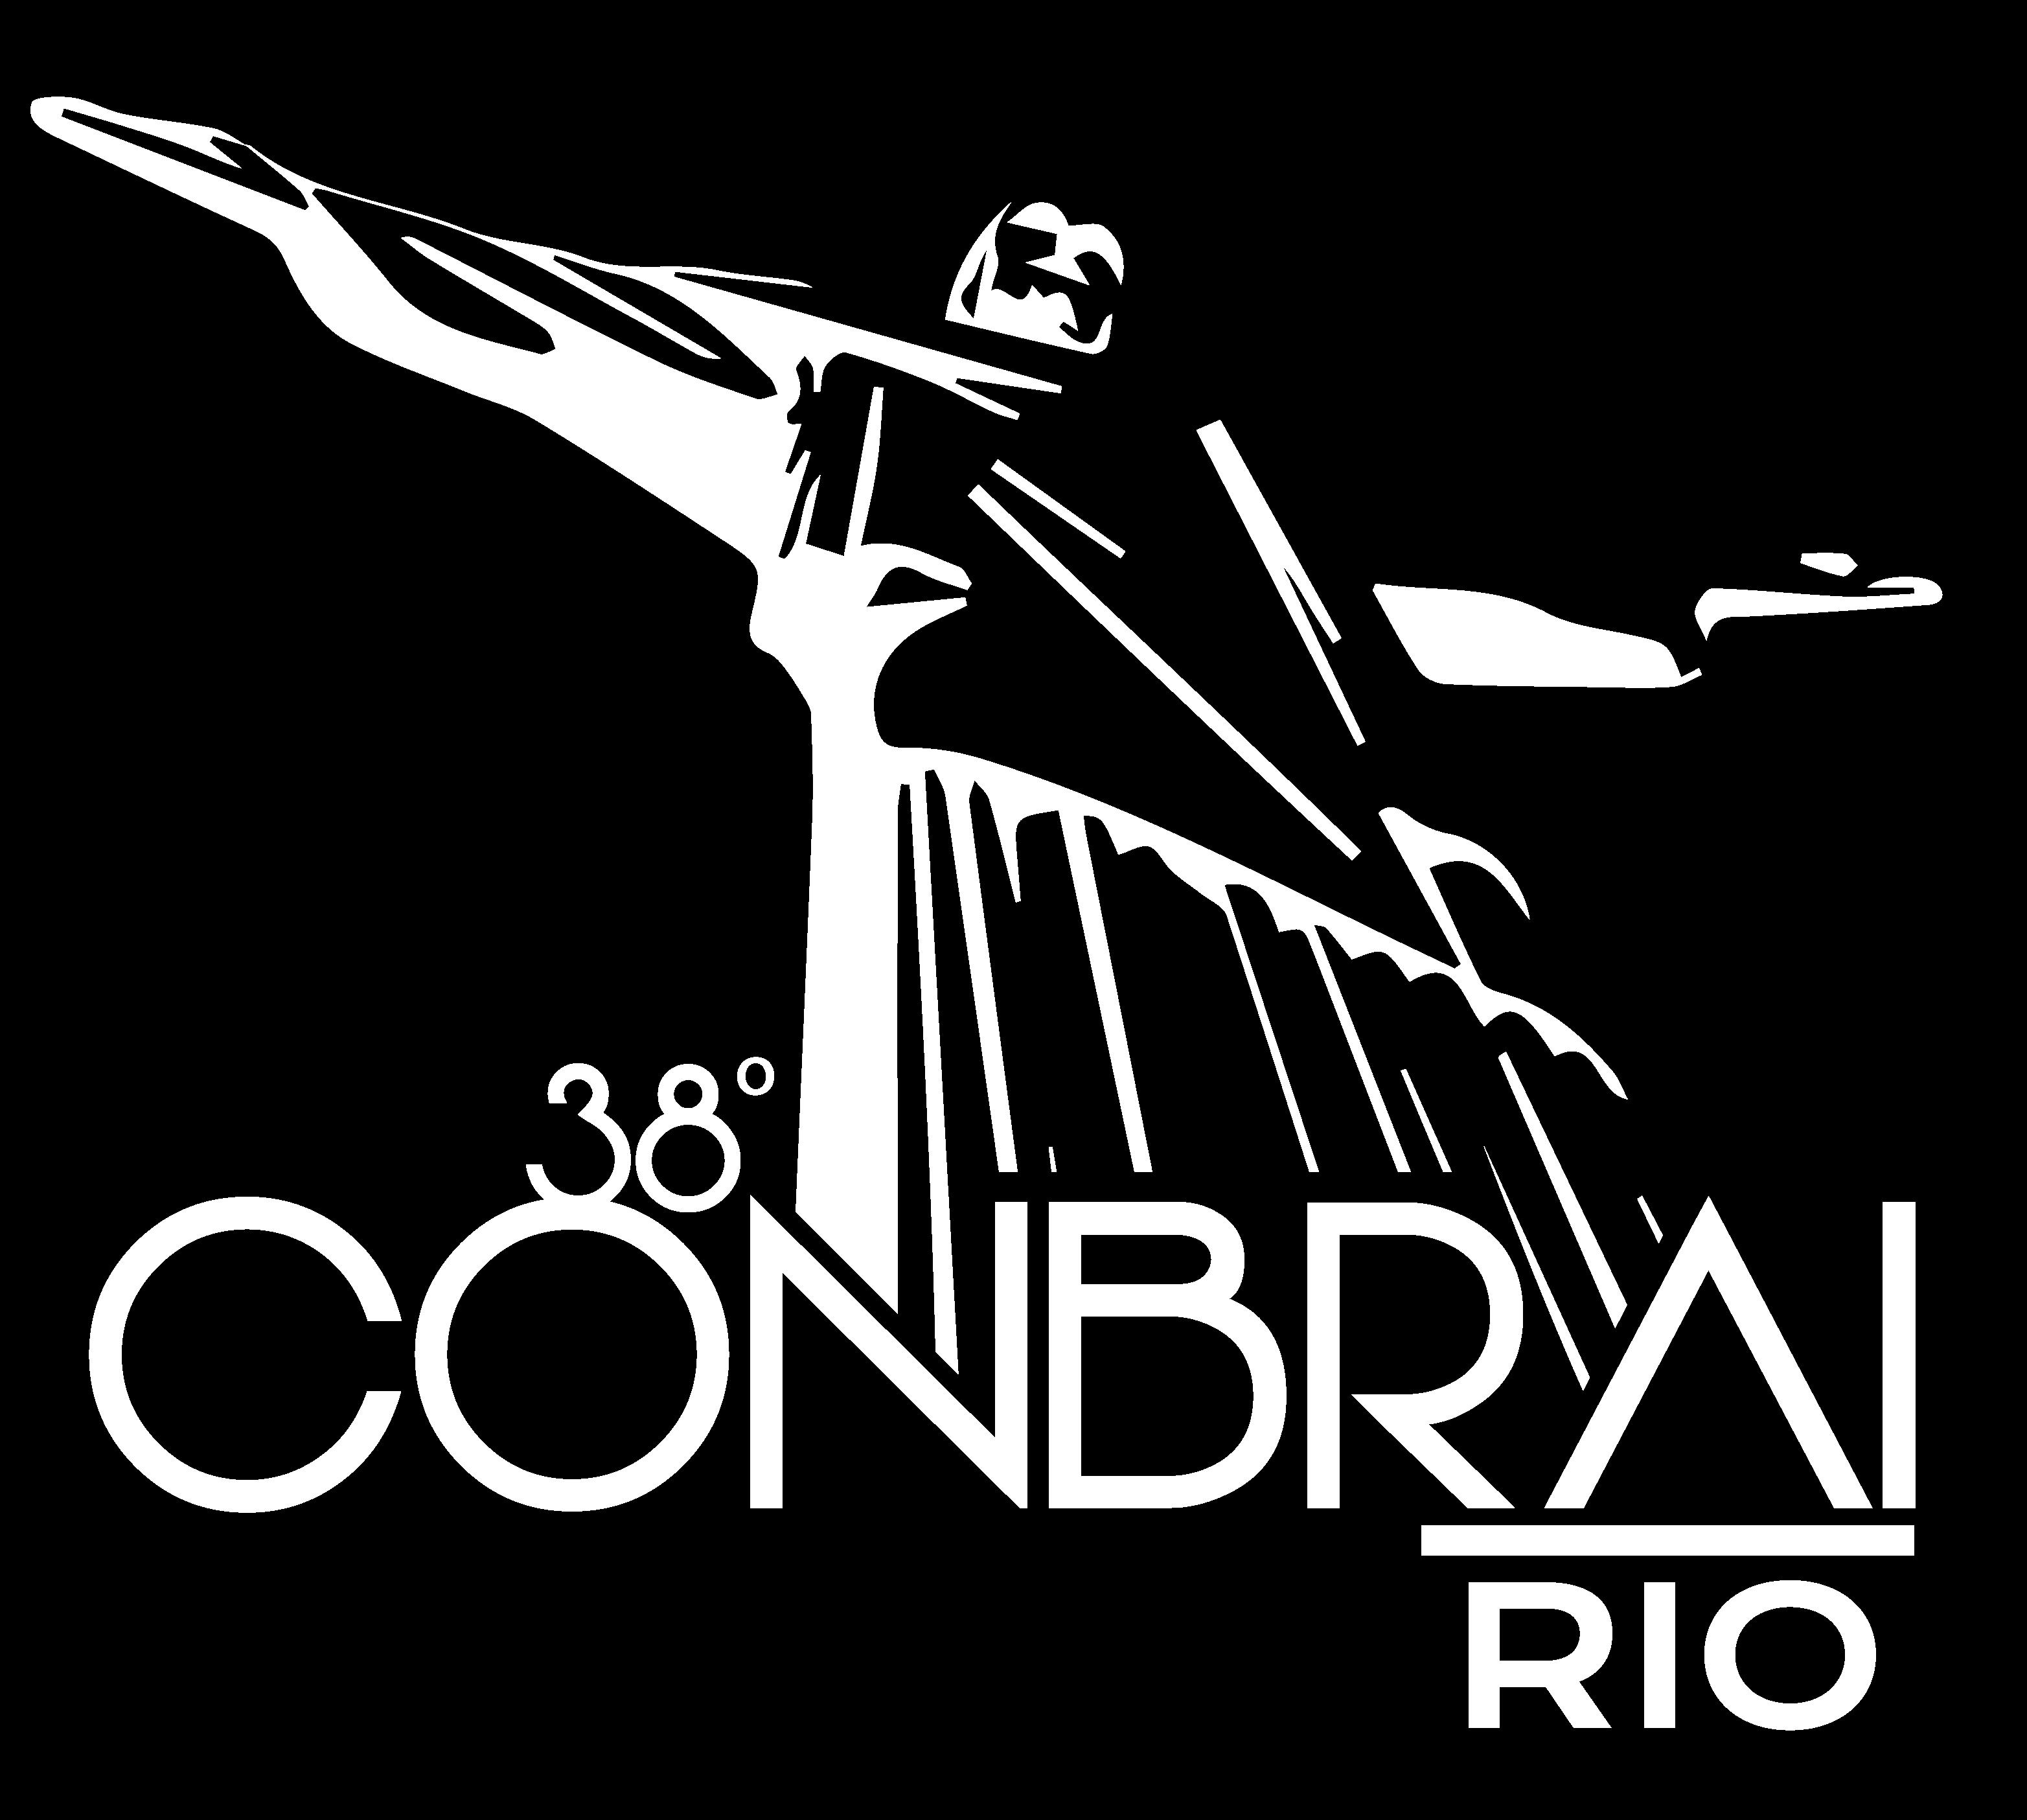 CONBRAI